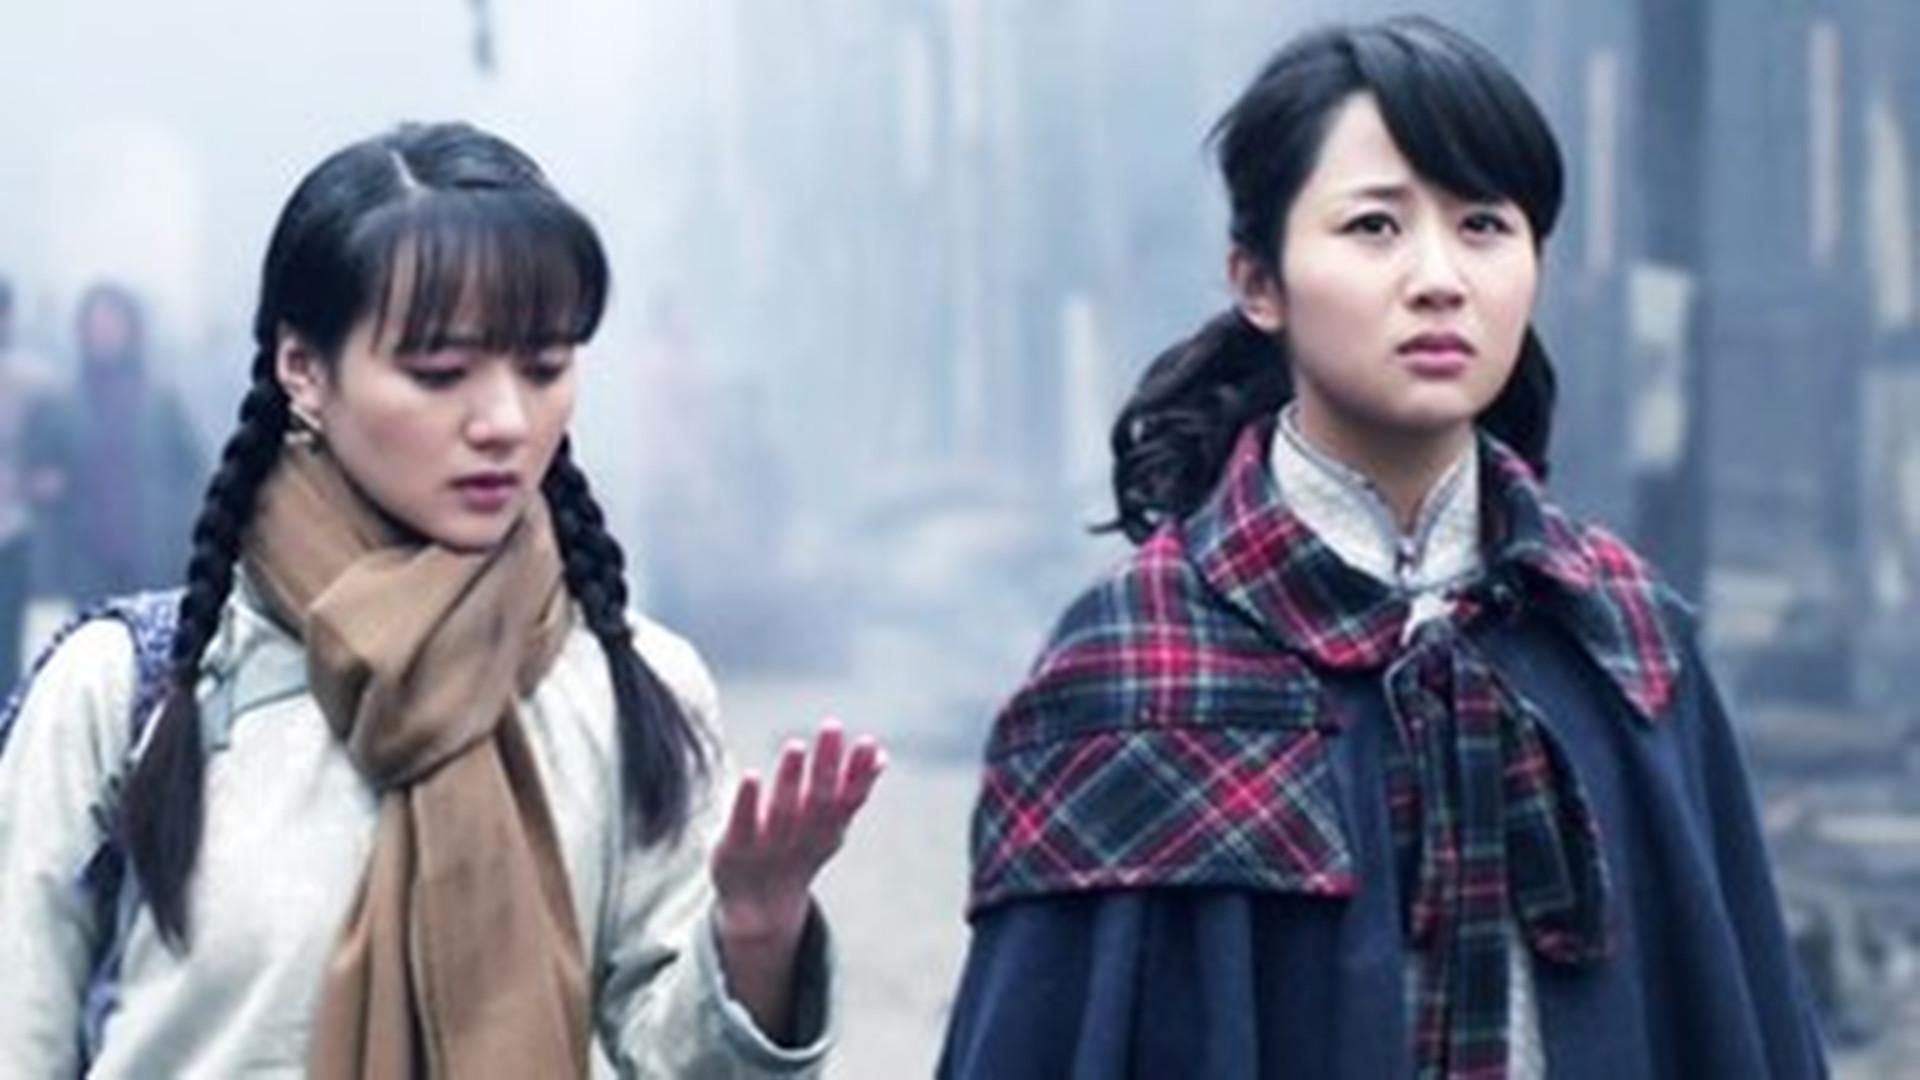 <b>《亲爱的》完结陷入剧荒,来看看杨紫这七部收视高的电视剧</b>